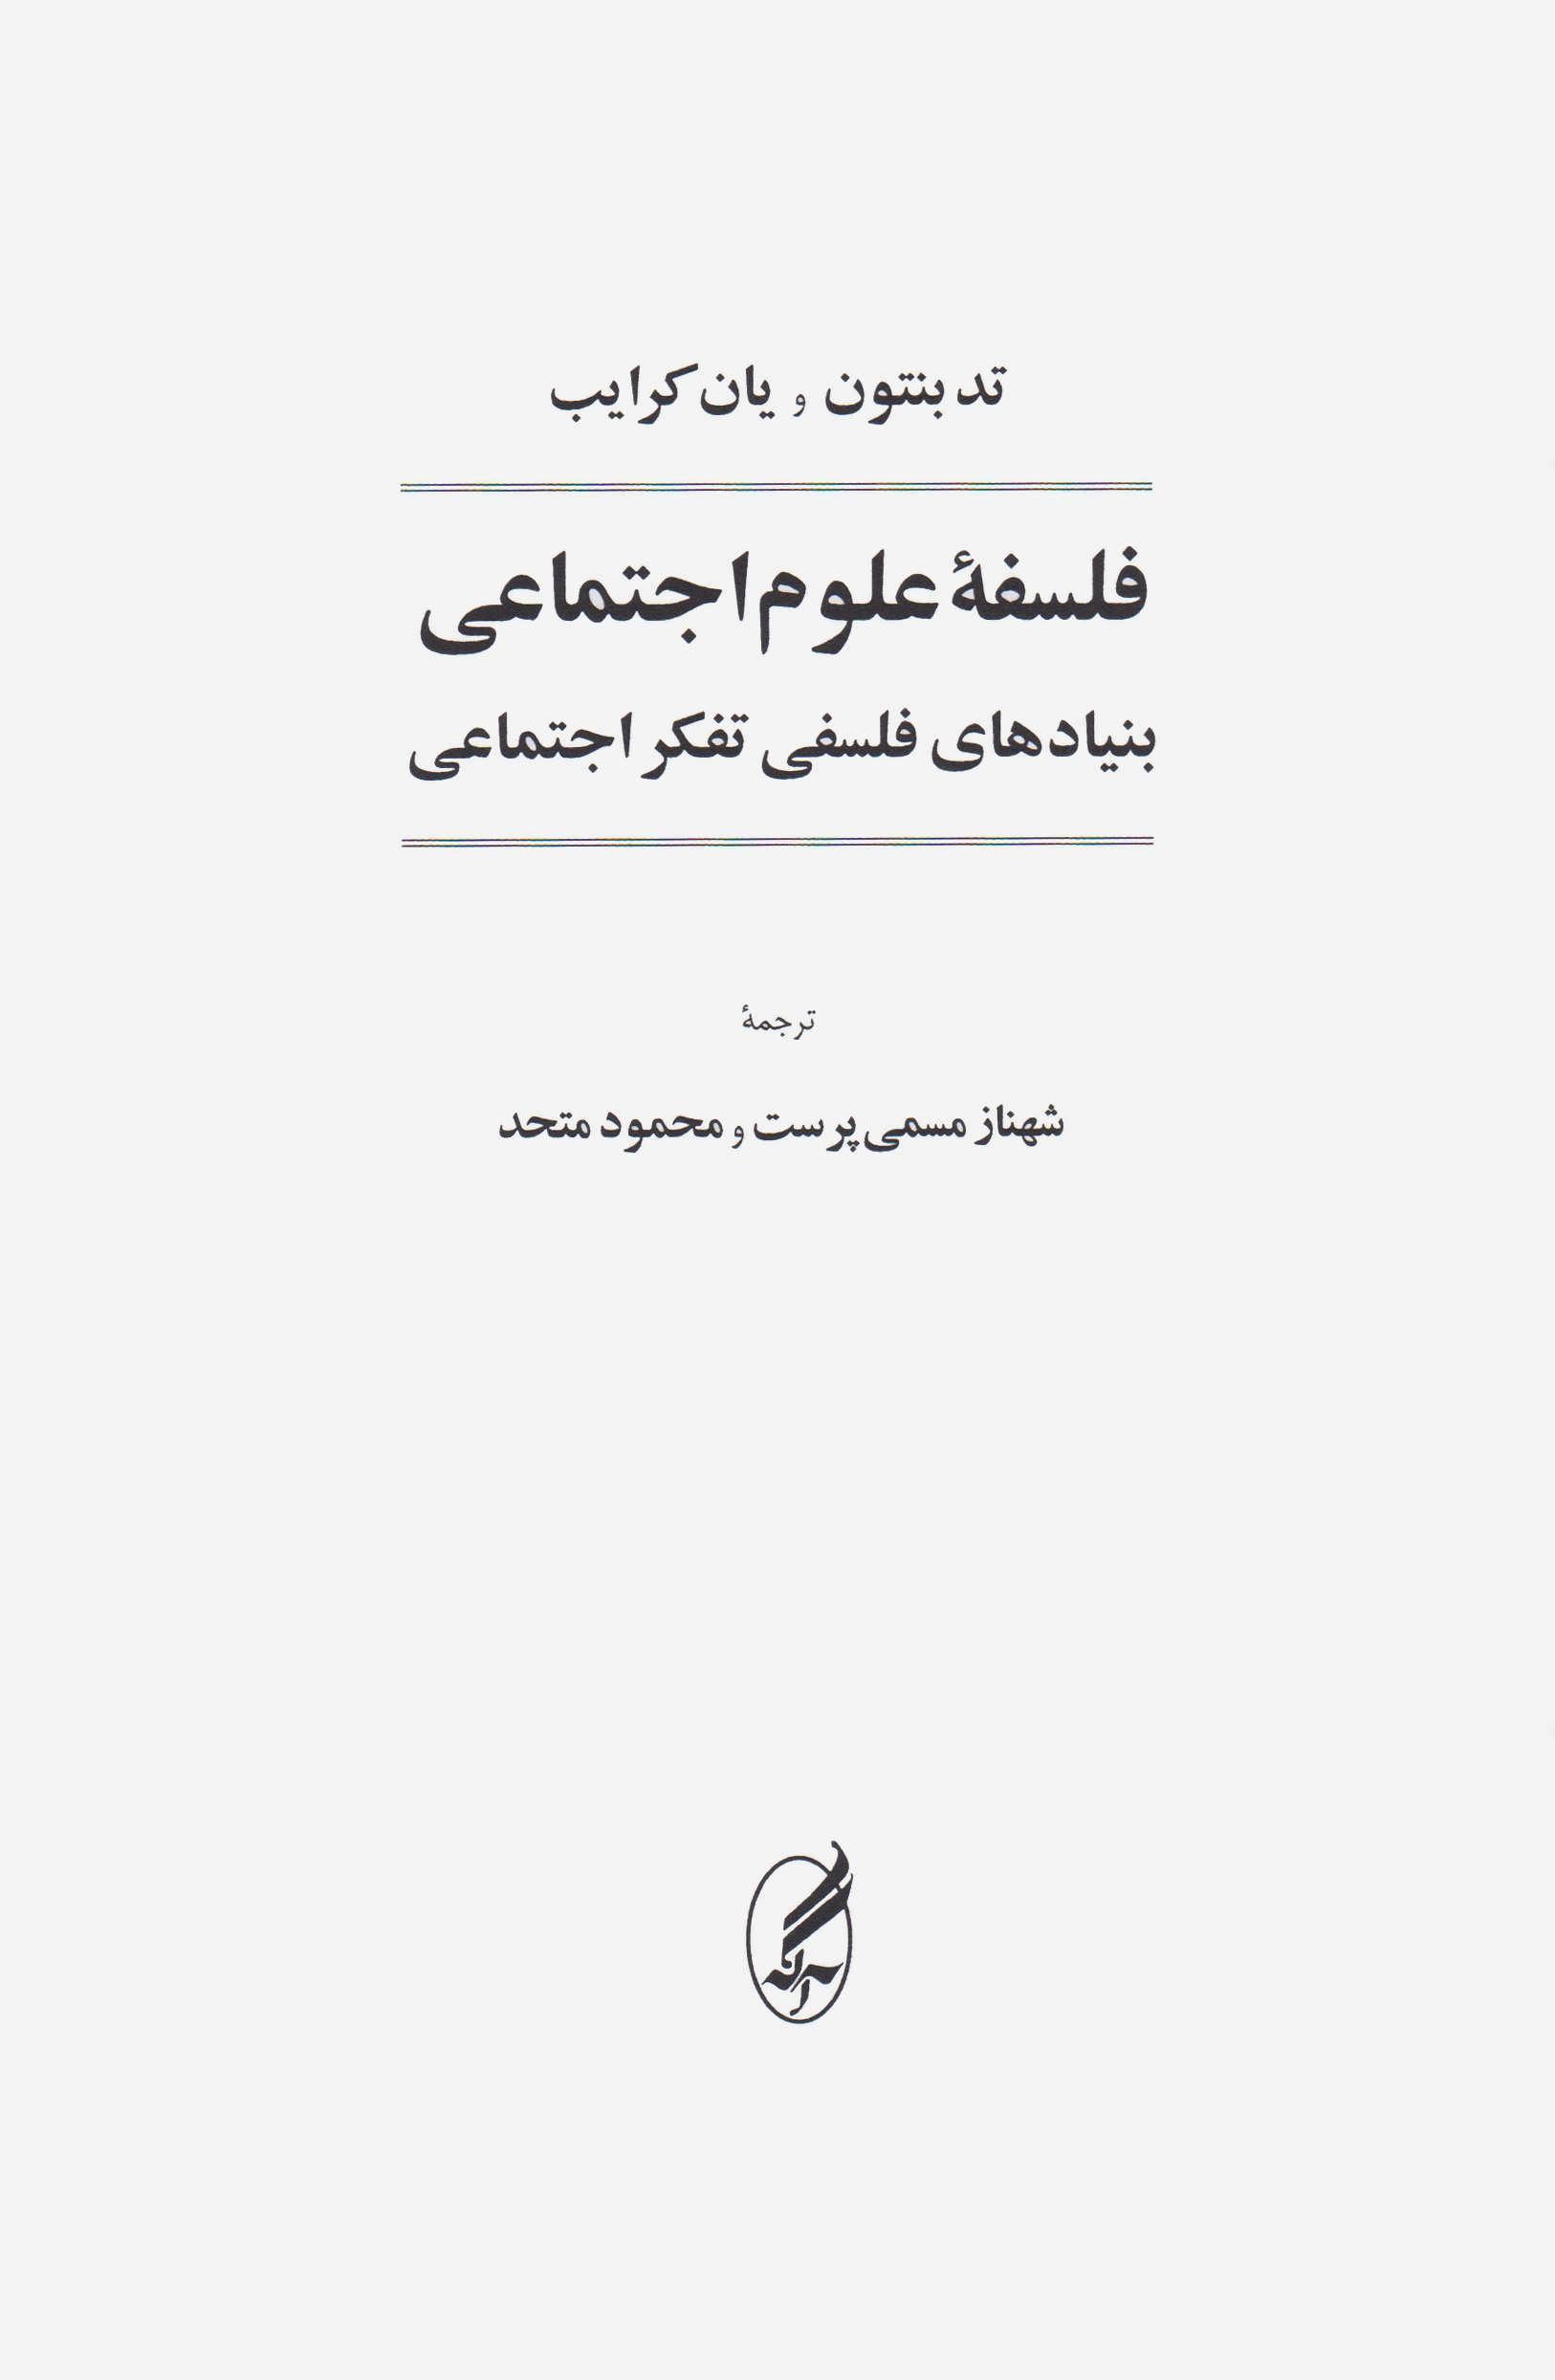 فلسفه علوم اجتماعی (بنیادهای فلسفی تفکر اجتماعی)